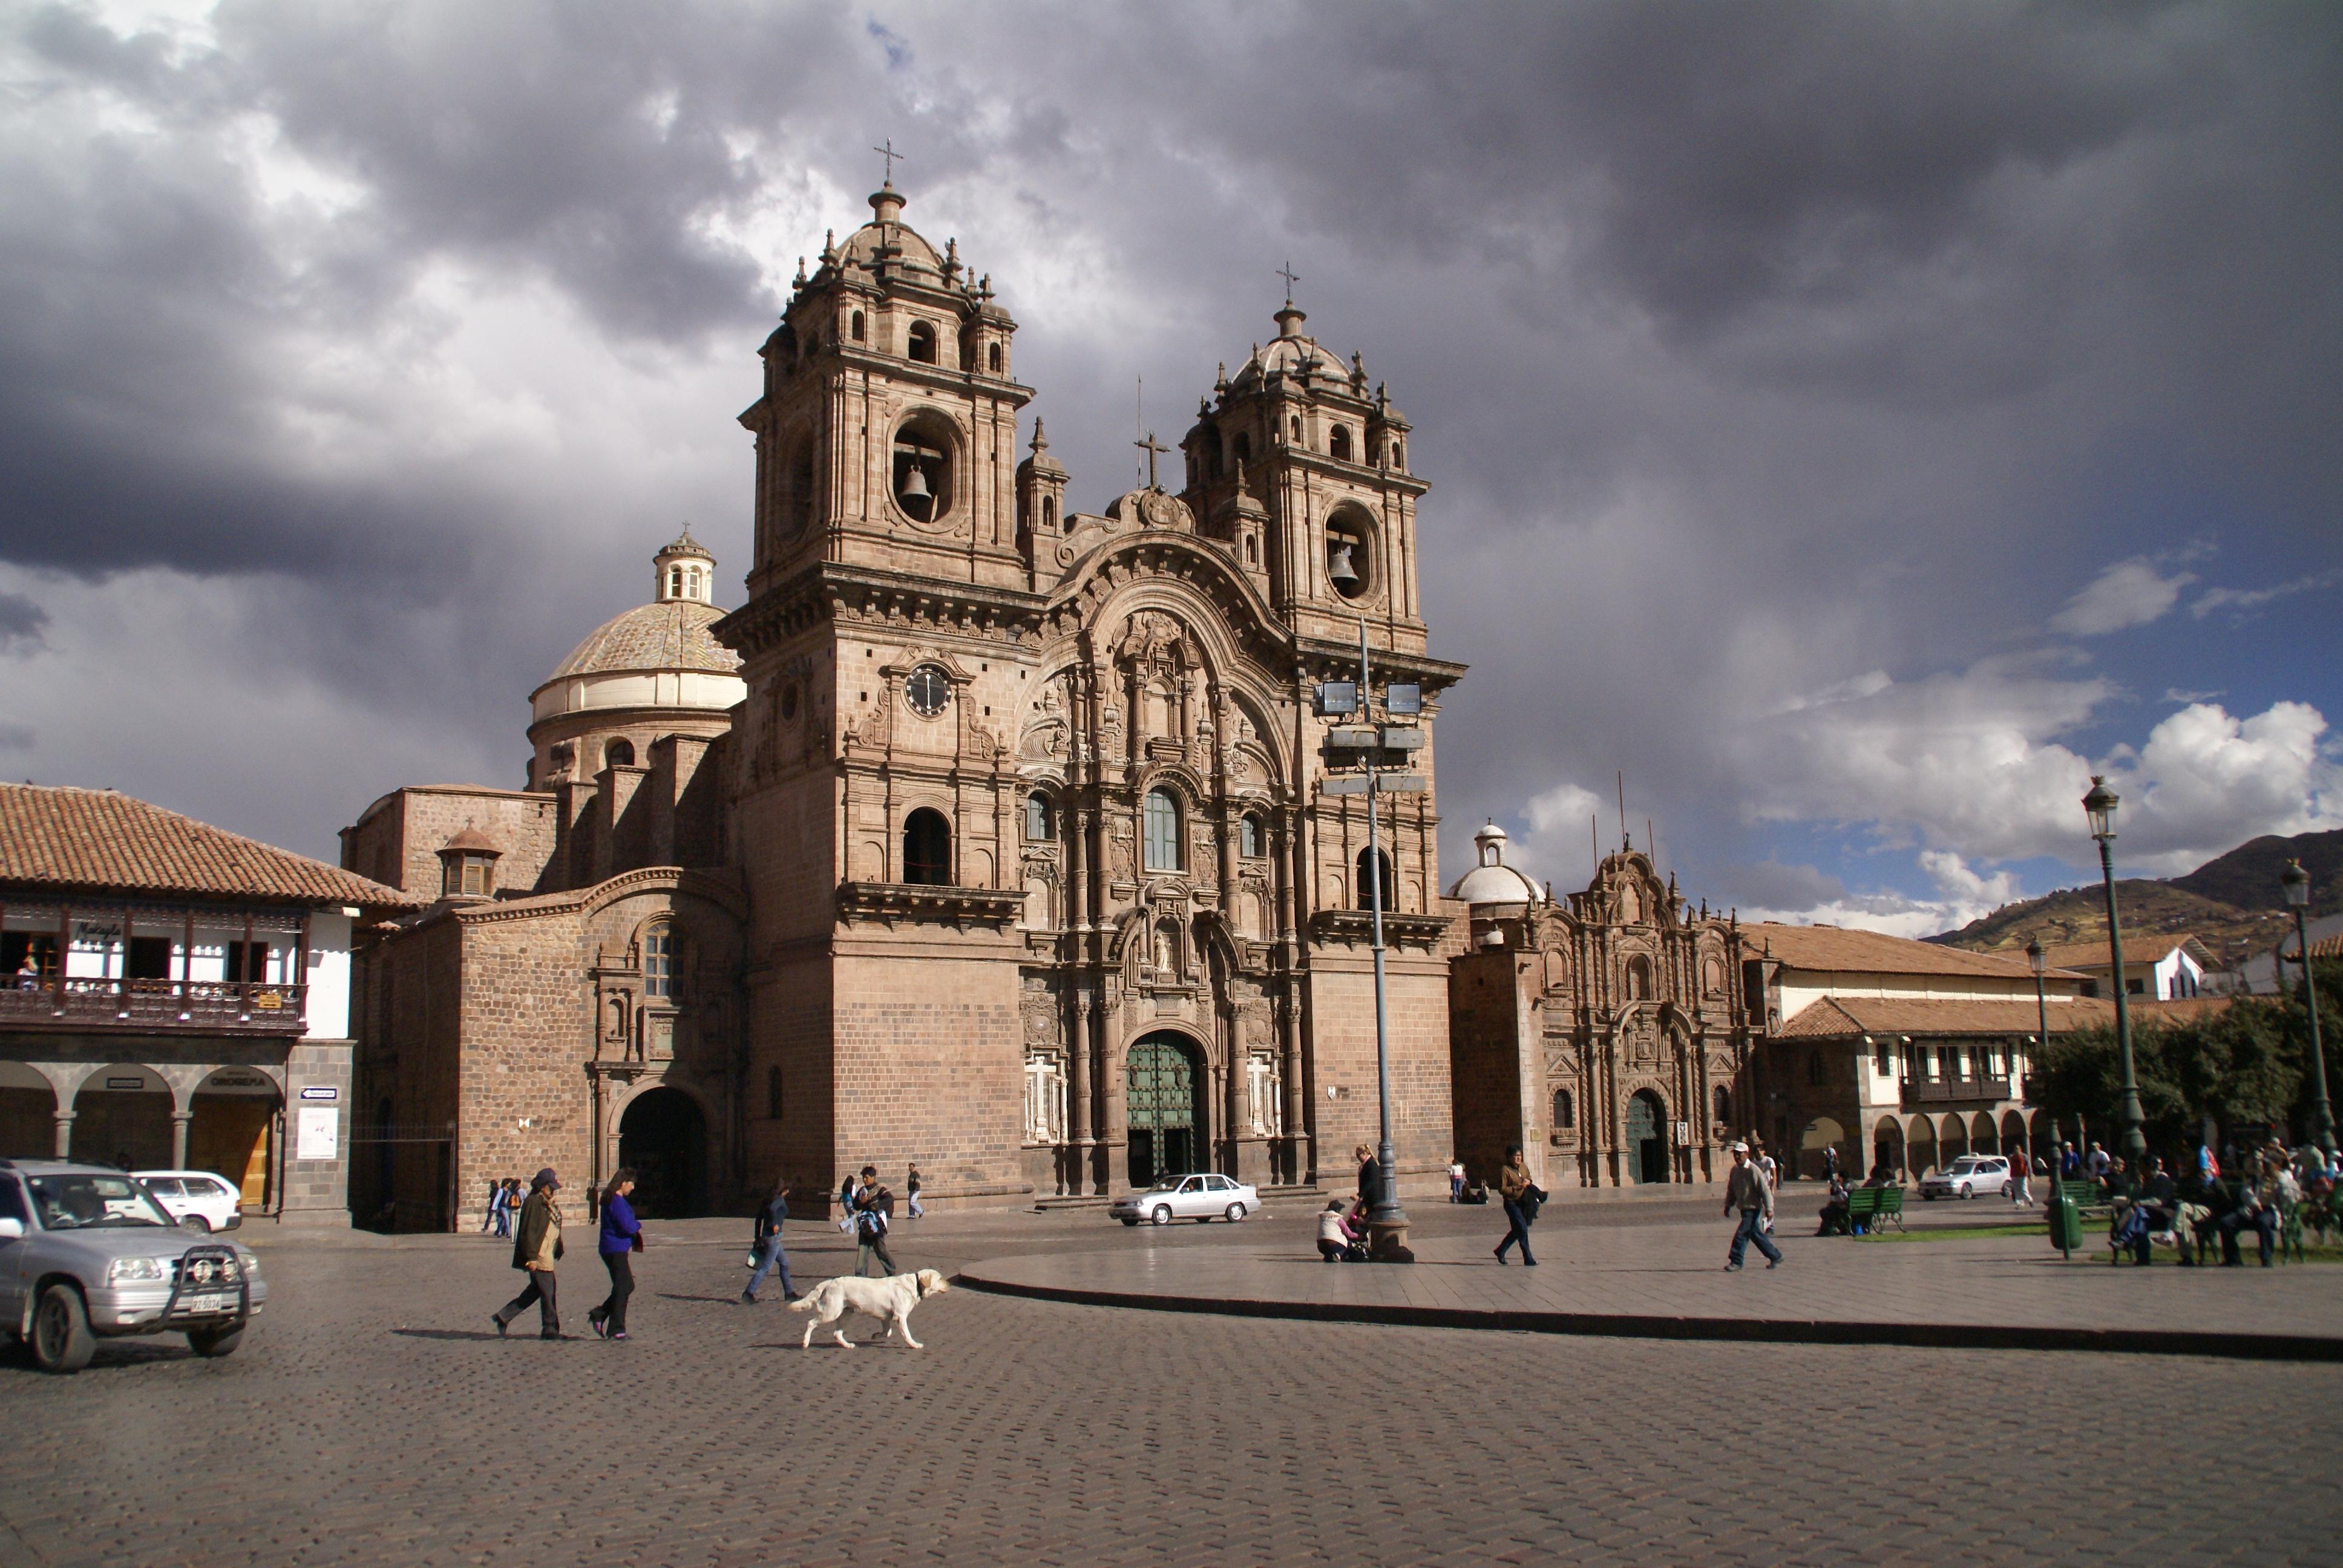 Plaza de Armas e Iglesia de la Compañía de Jesús, en Cuzco, Perú. Autor, Palindrome6996